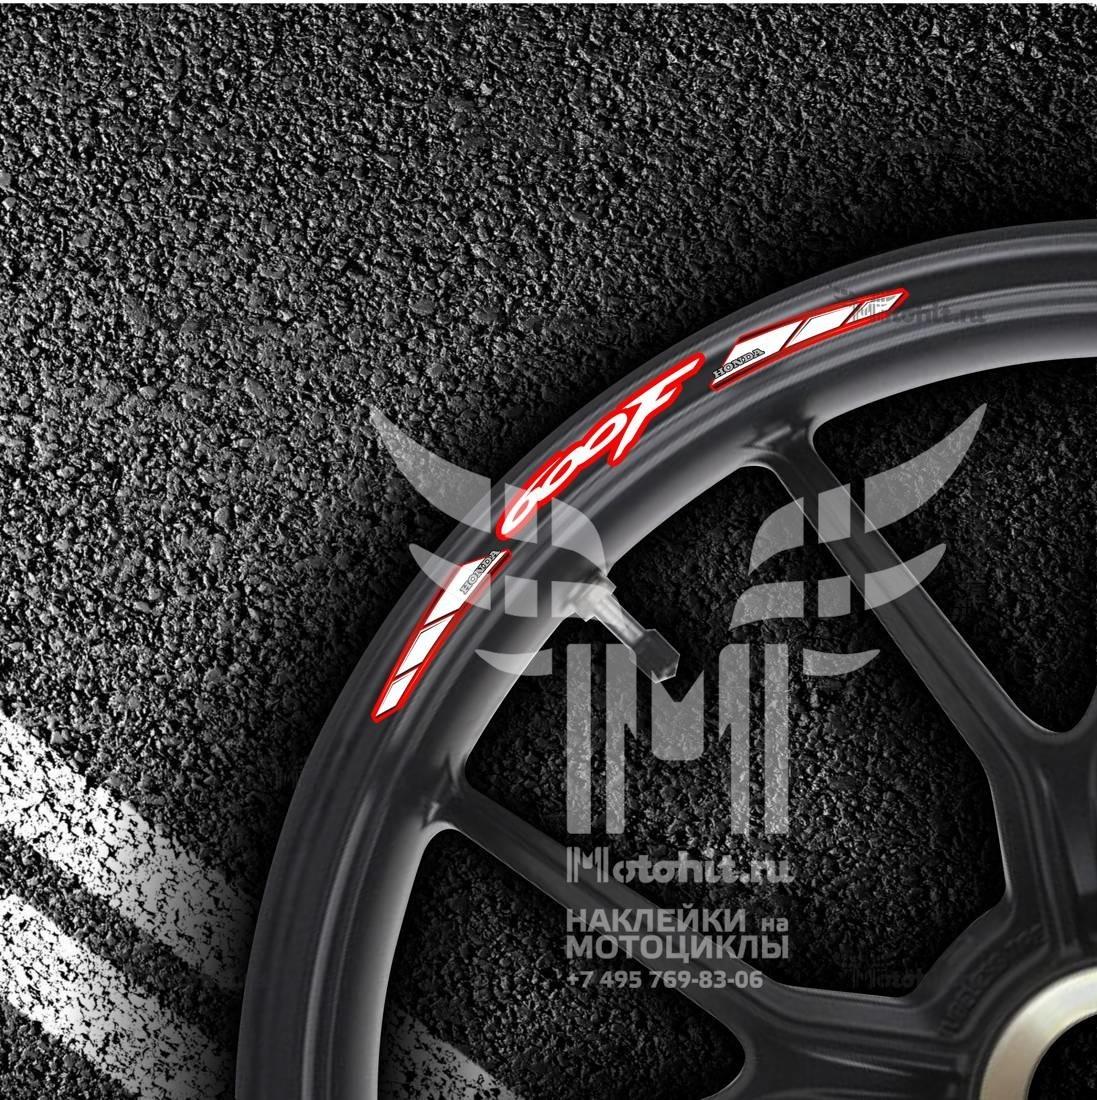 Комплект наклеек на обод колеса мотоцикла HONDA 600-F